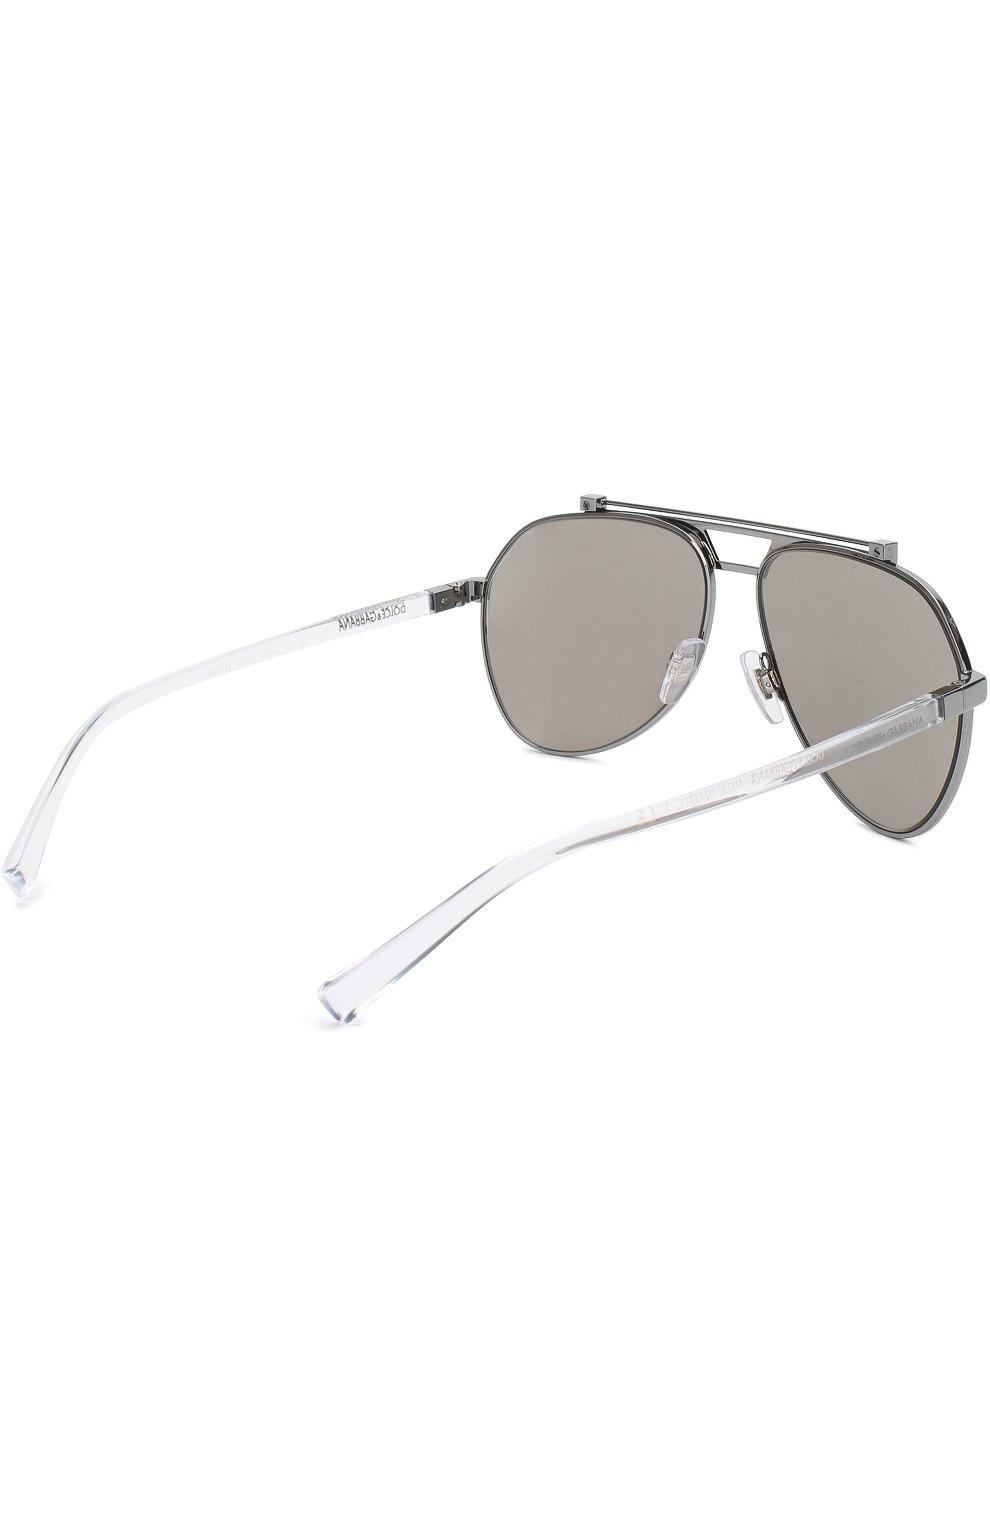 Мужские солнцезащитные очки DOLCE & GABBANA серебряного цвета, арт. 2189-04/6G   Фото 3